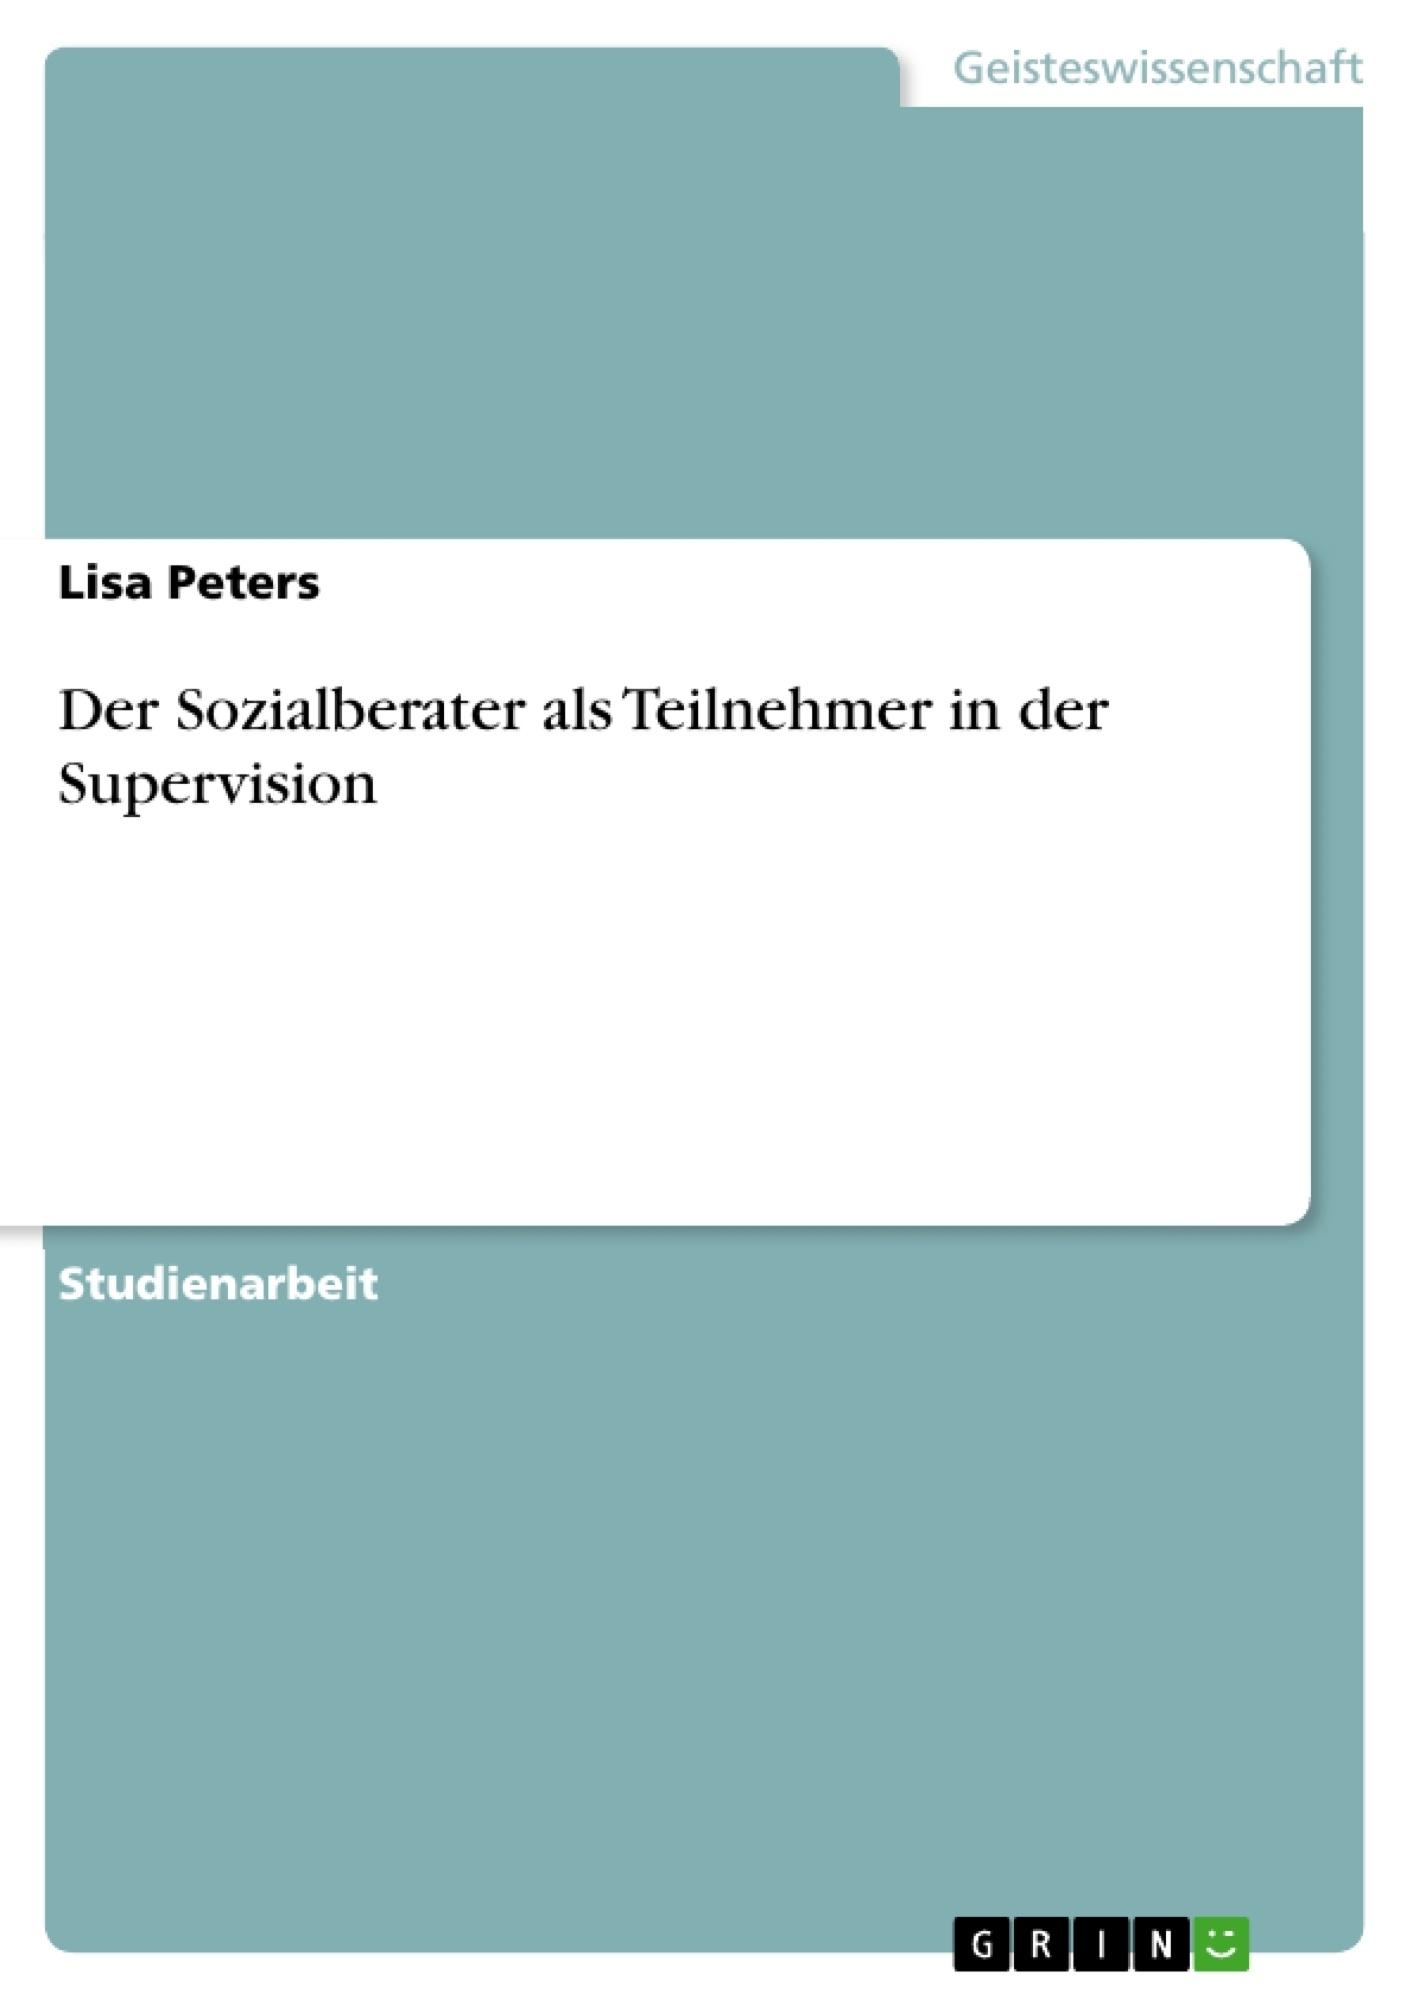 Titel: Der Sozialberater als Teilnehmer in der Supervision